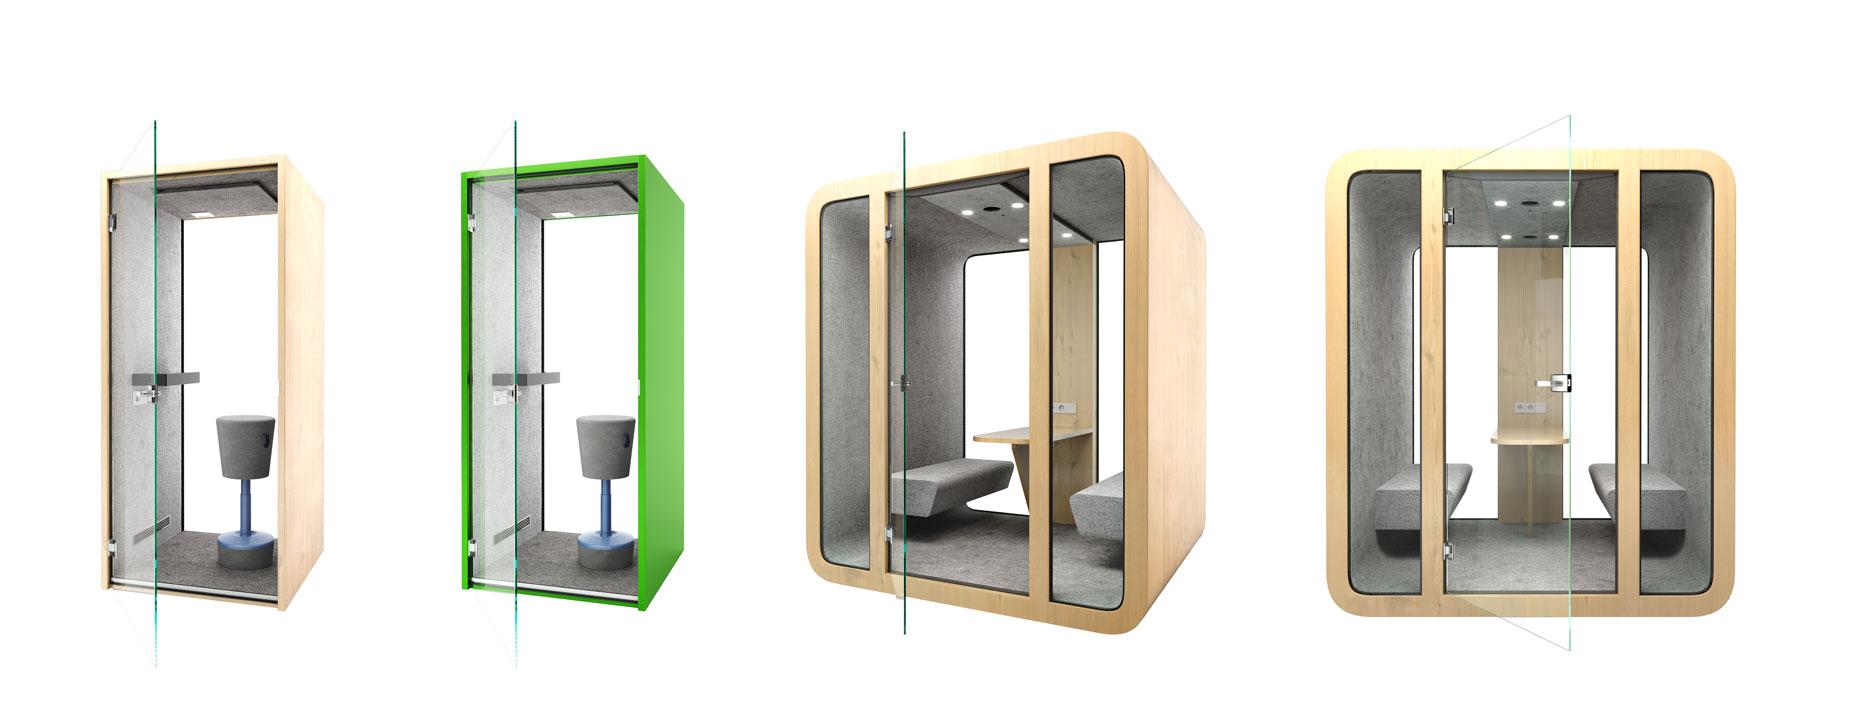 fotorealistyczne wizualizacje 3d produktów do biur